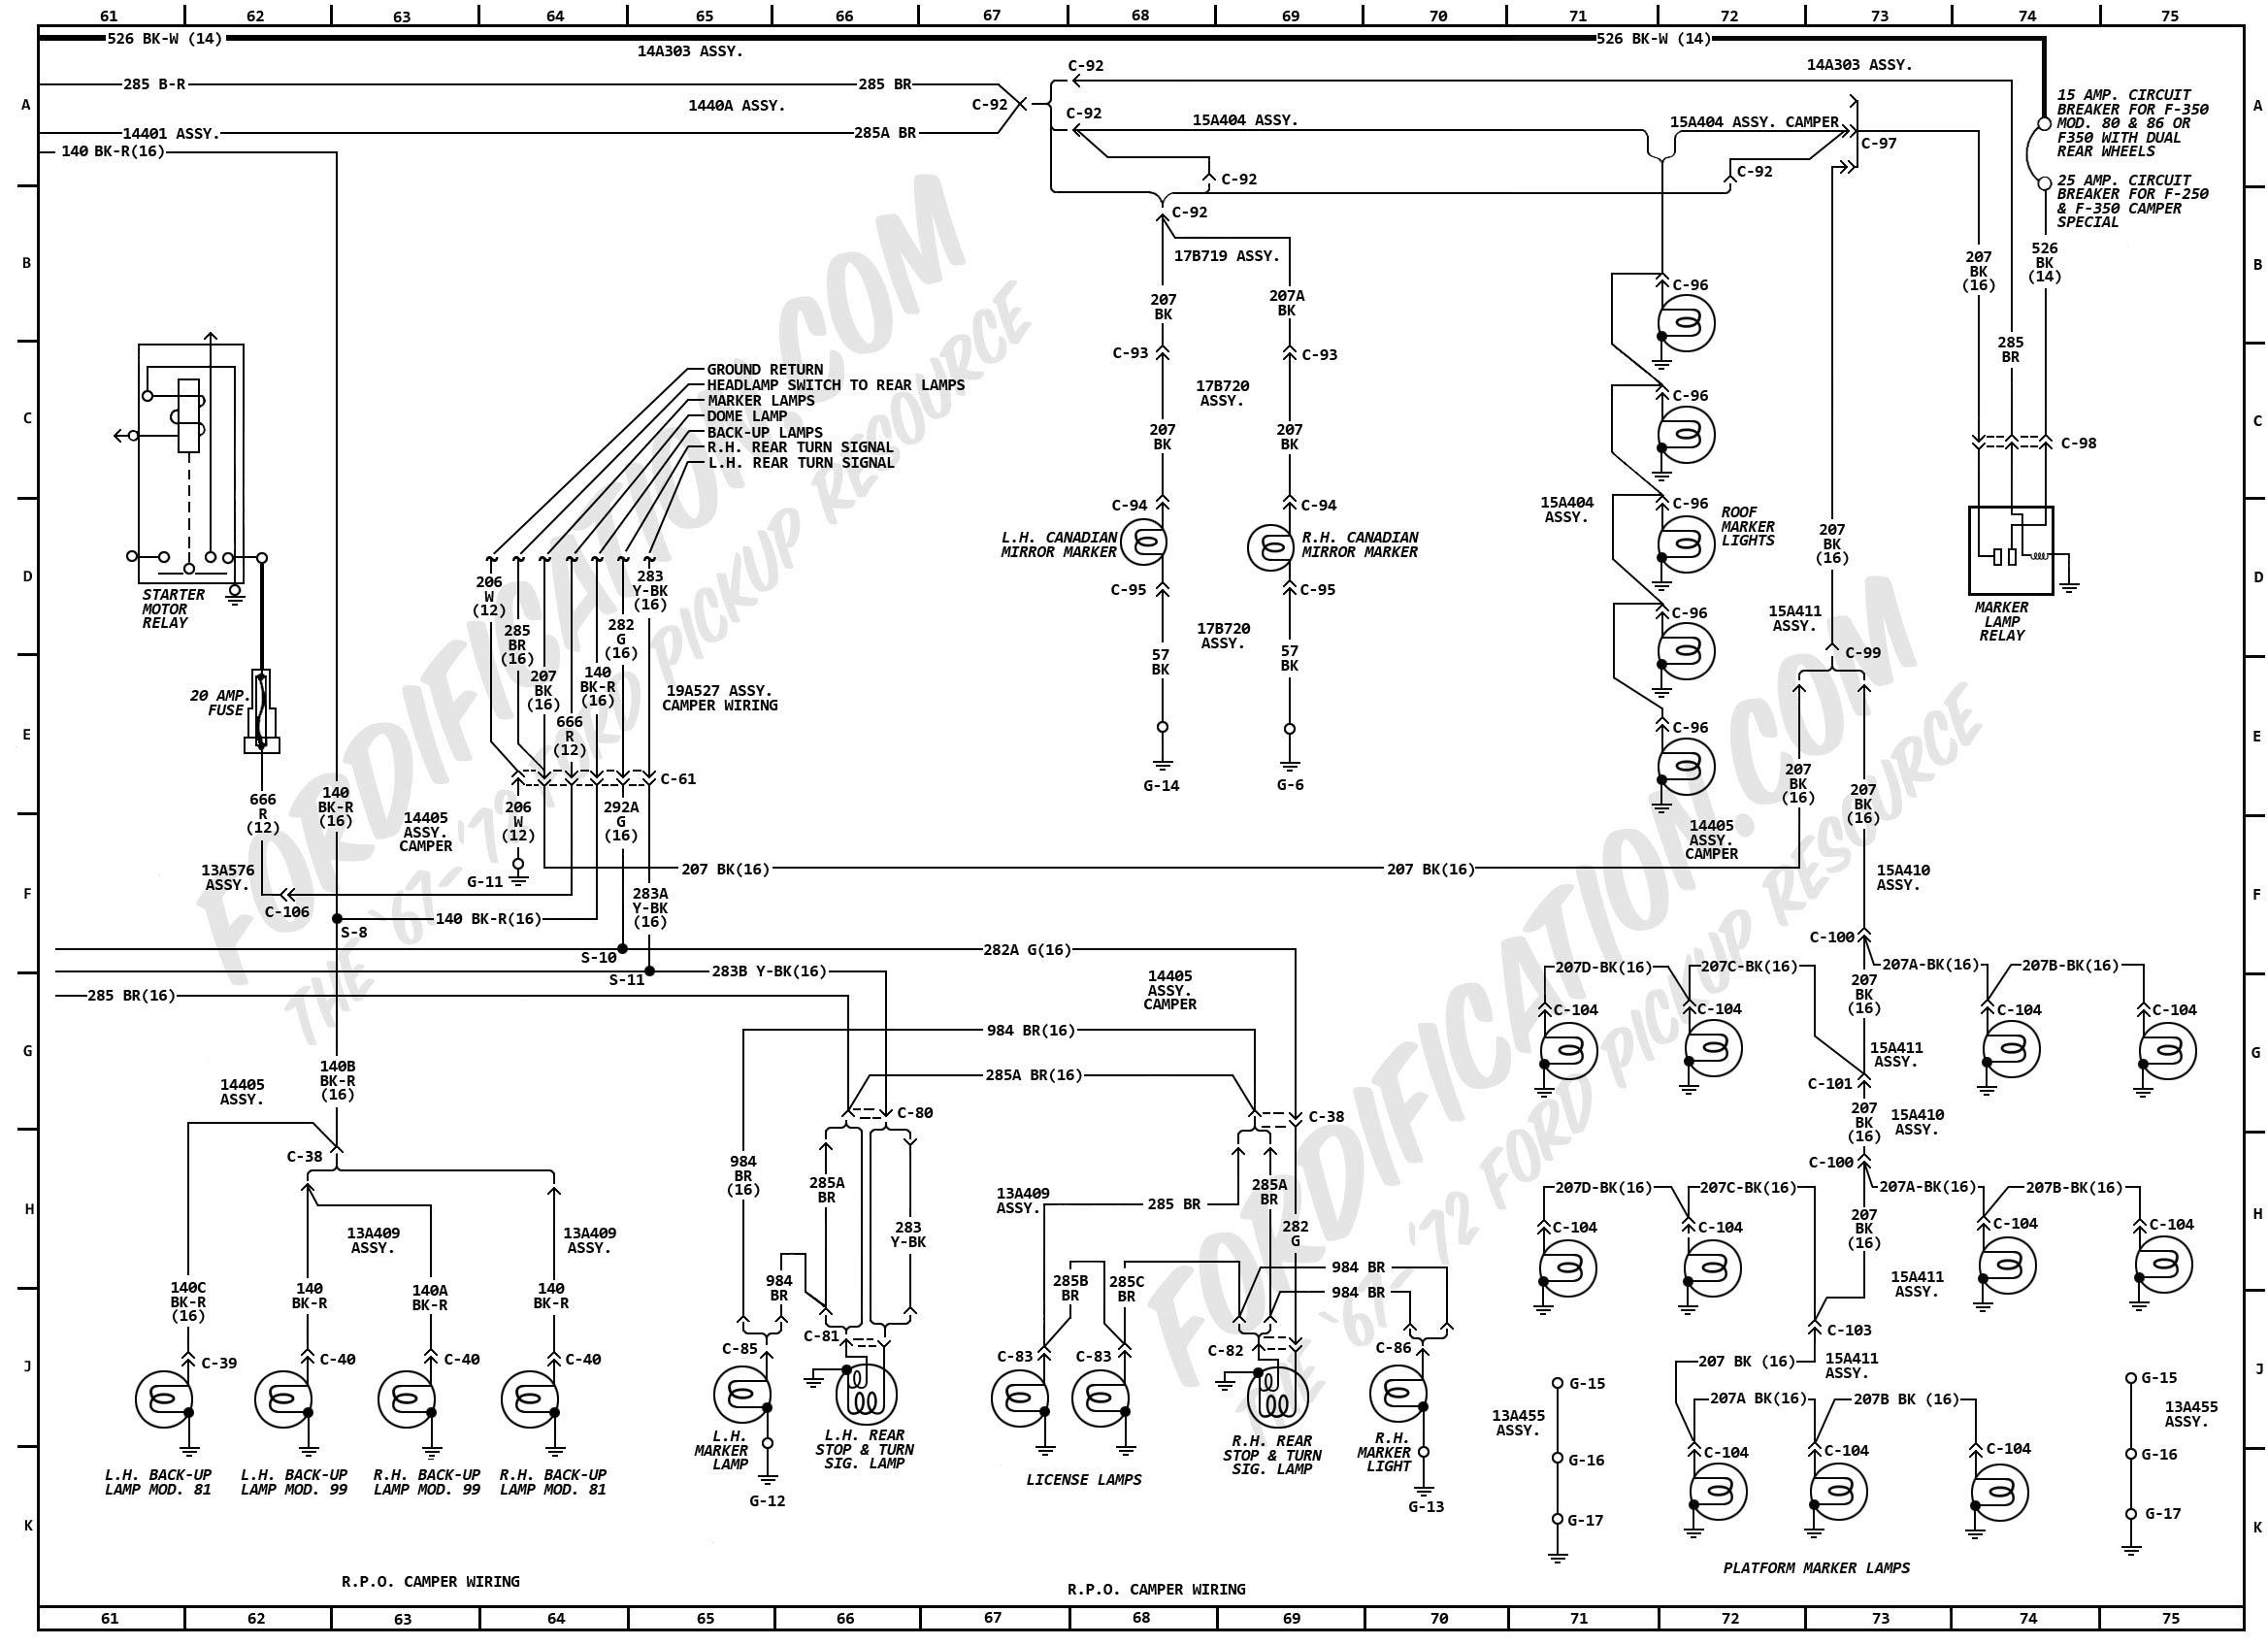 Diagram 1982 Ford Truck L8000 Wiring Diagram Full Version Hd Quality Wiring Diagram Flow Diagrams Discoclassic It